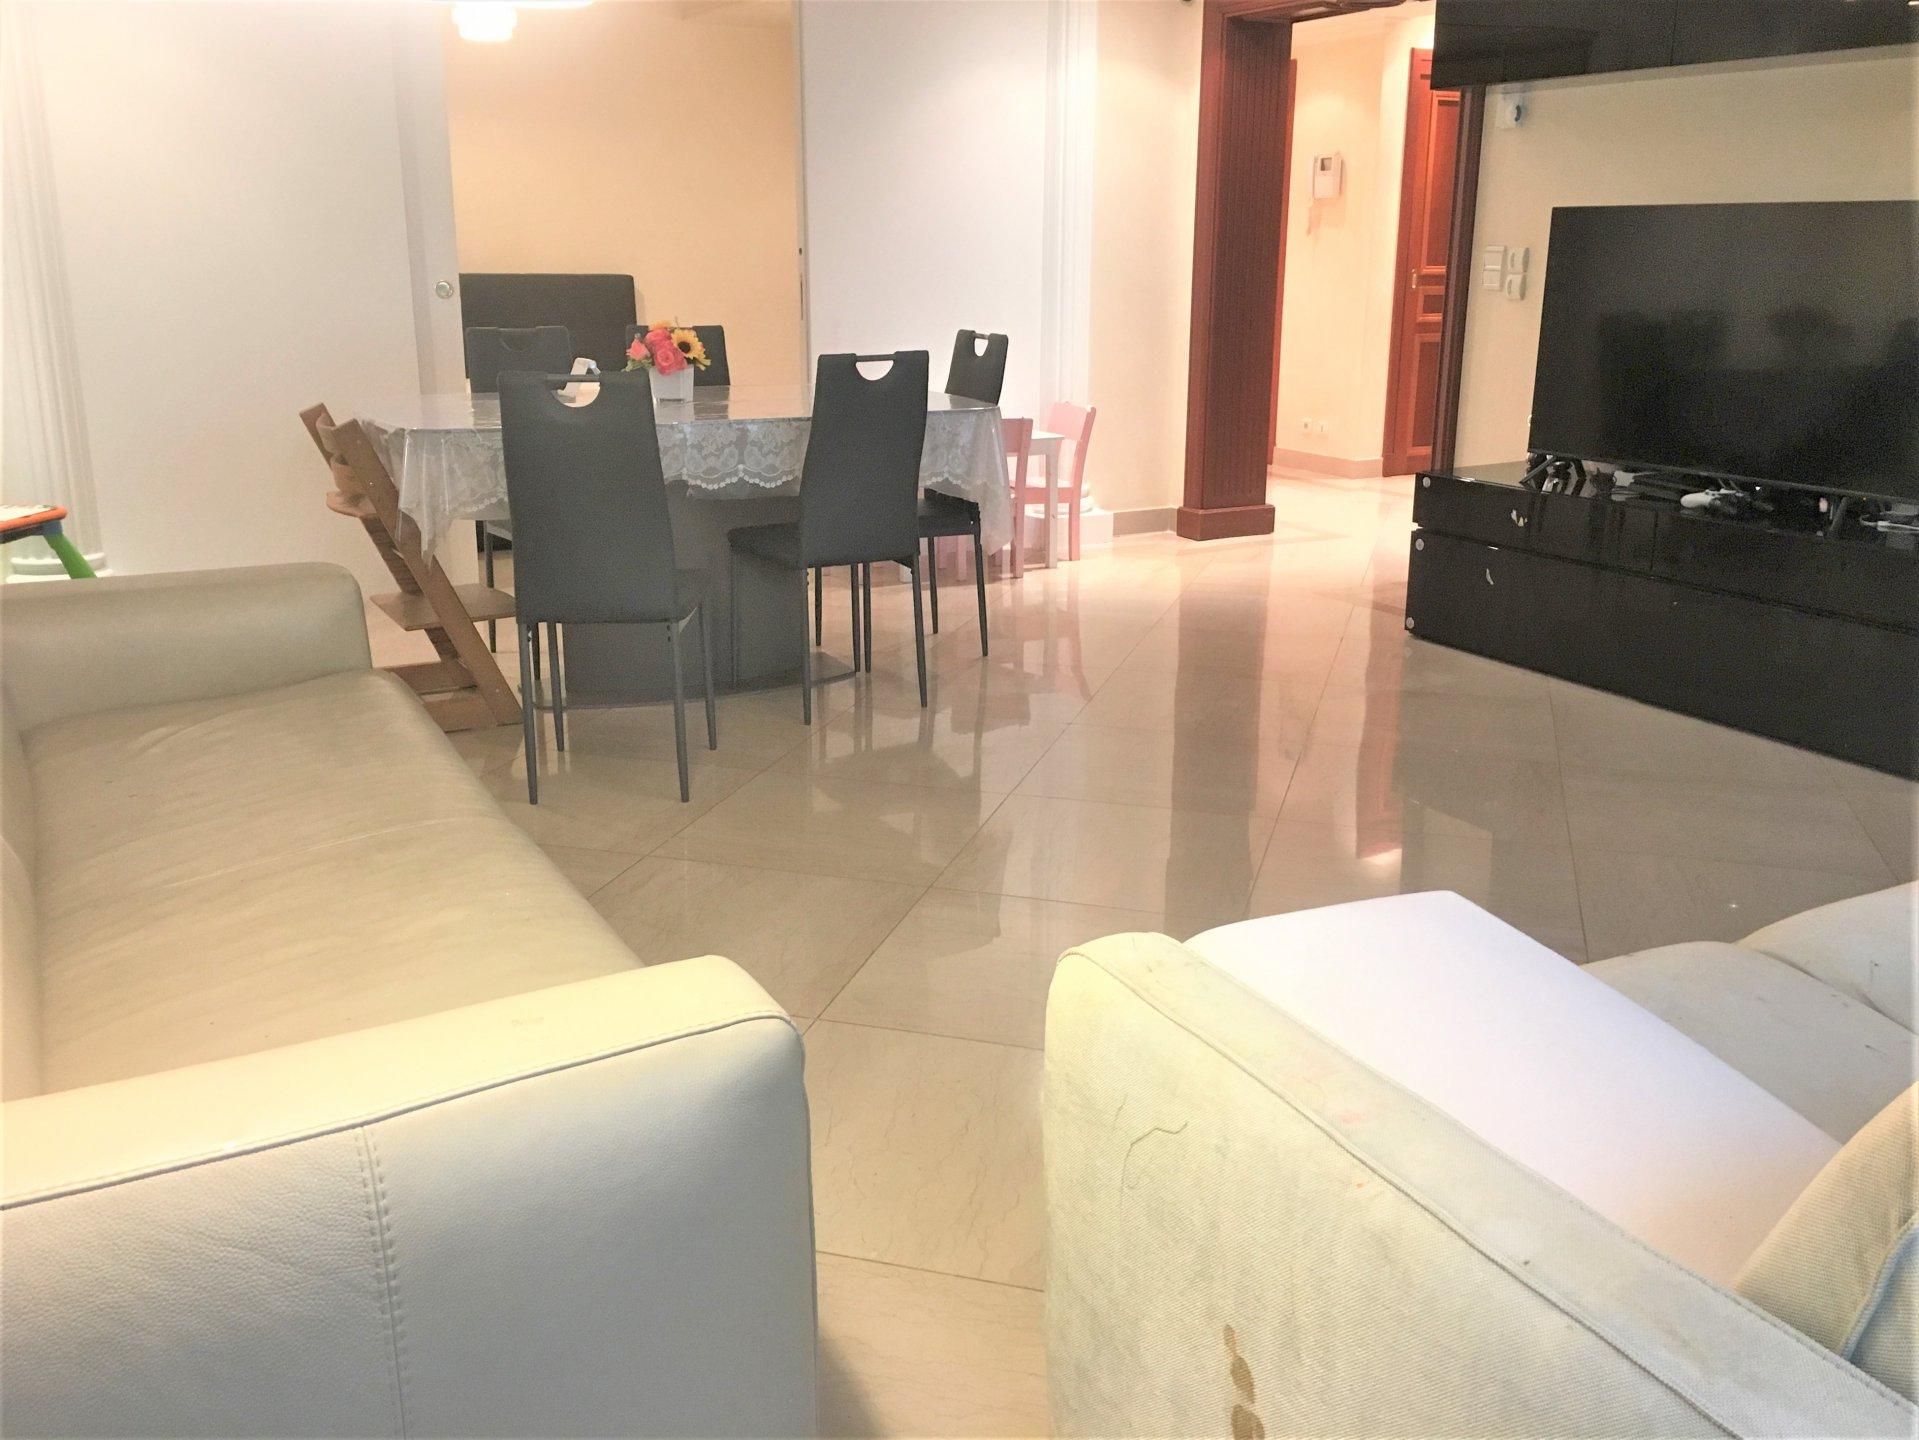 ROCAZUR - Appartamento Perfetto per una Famiglia